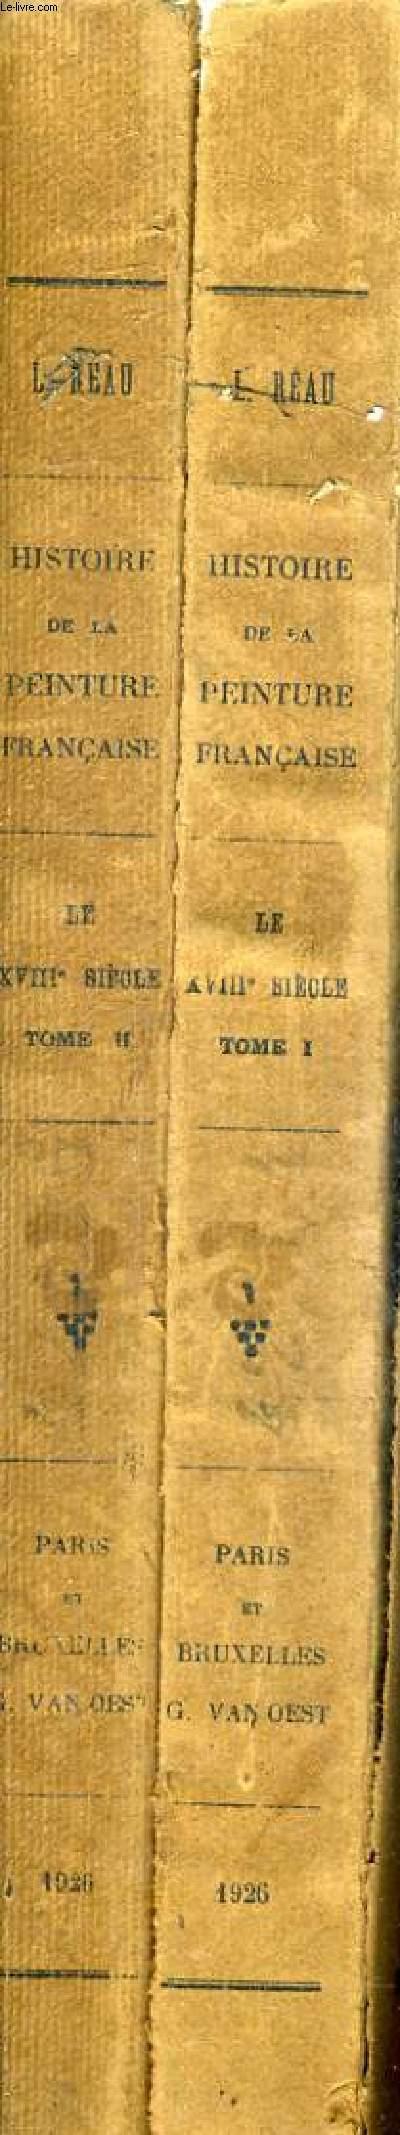 HISTOIRE DE LA PEINTURE FRANCAISE AU XVIIIE SIECLE - EN DEUX TOMES - TOMES 1 + 2 .